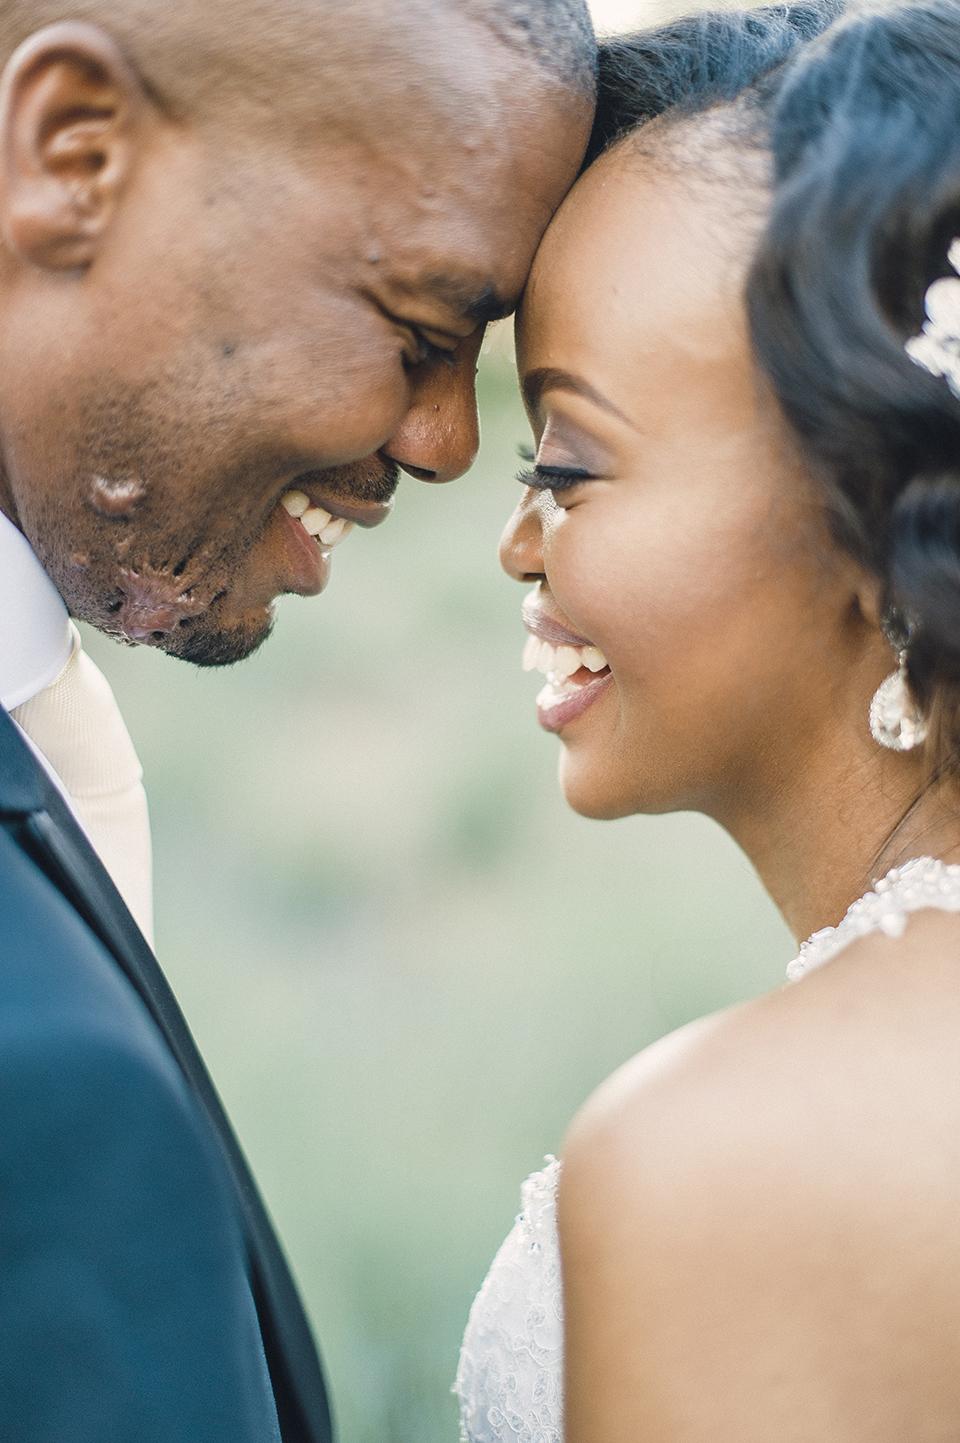 RyanParker_WeddingPhotographer_FineArt_CapeTown_Johannesburg_Hermanus_Avianto_T&L_DSC_9275.jpg